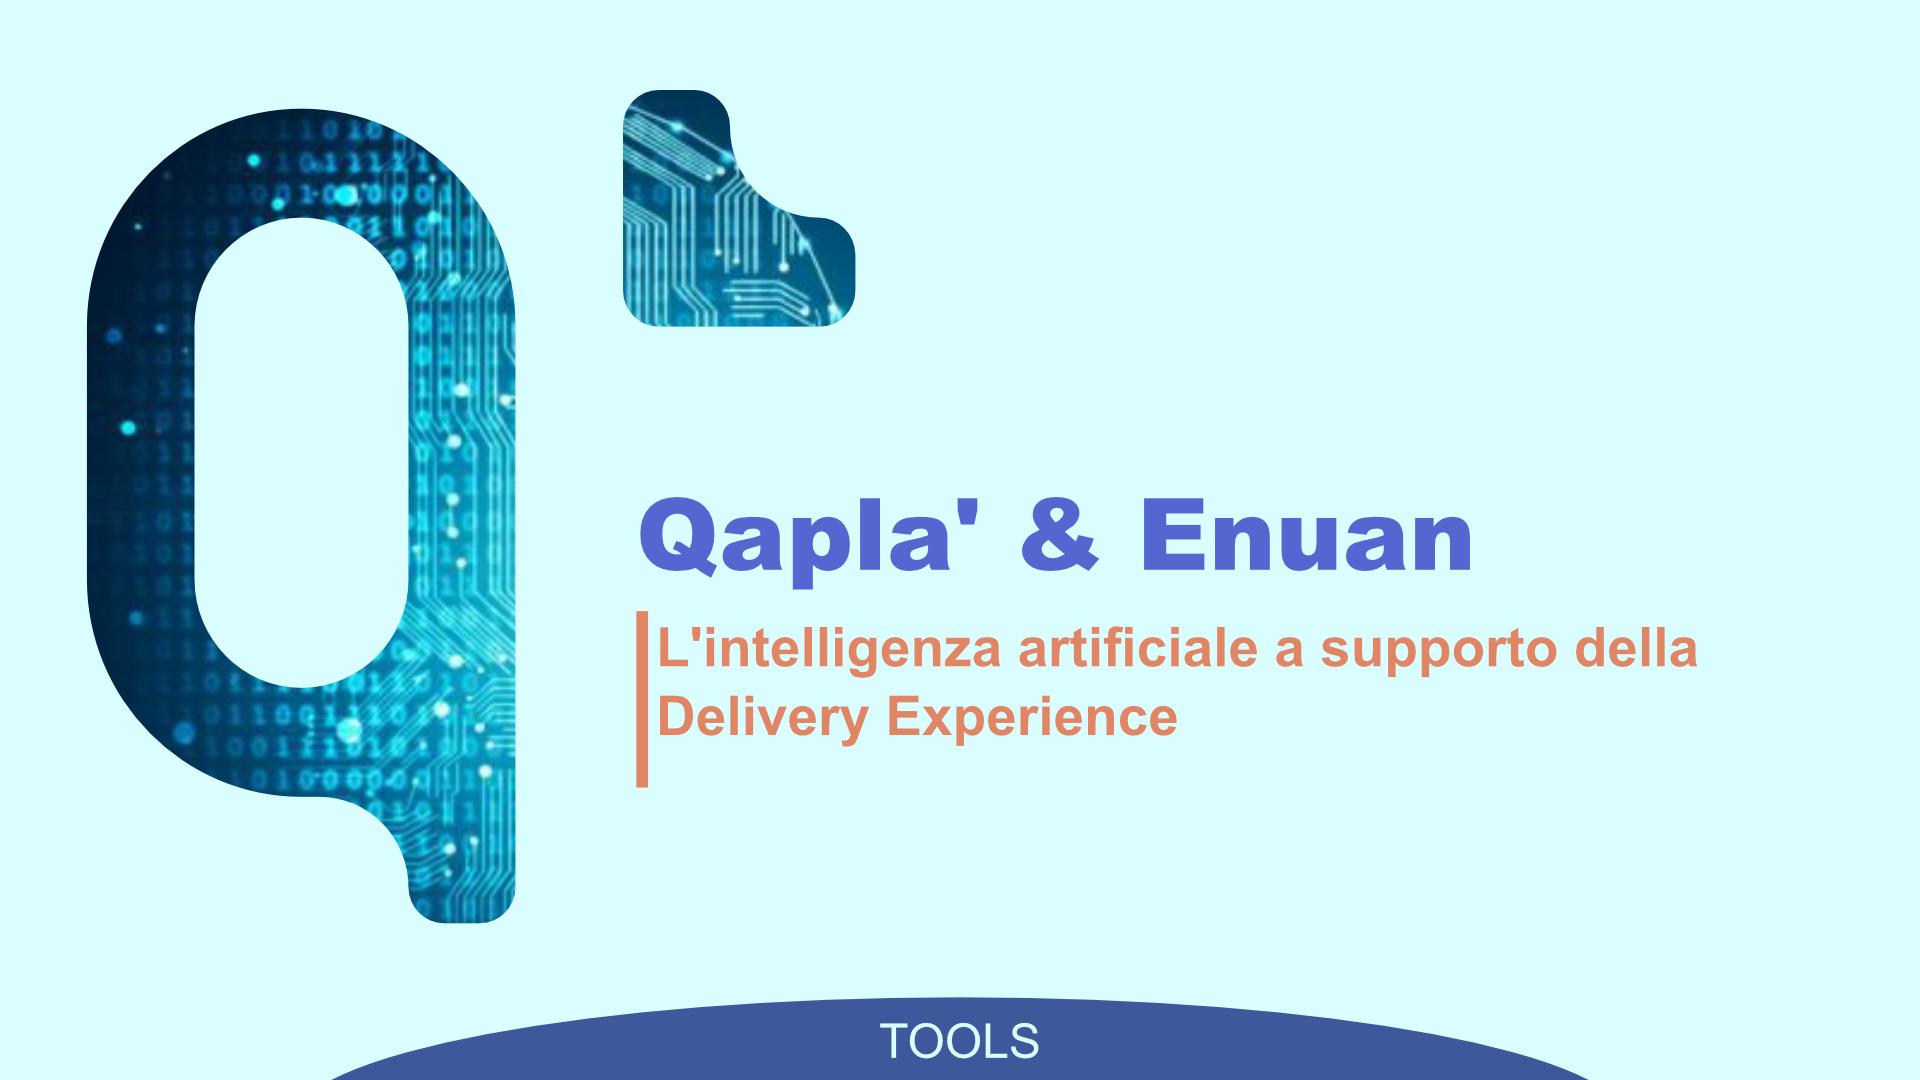 Qapla' & Enuan